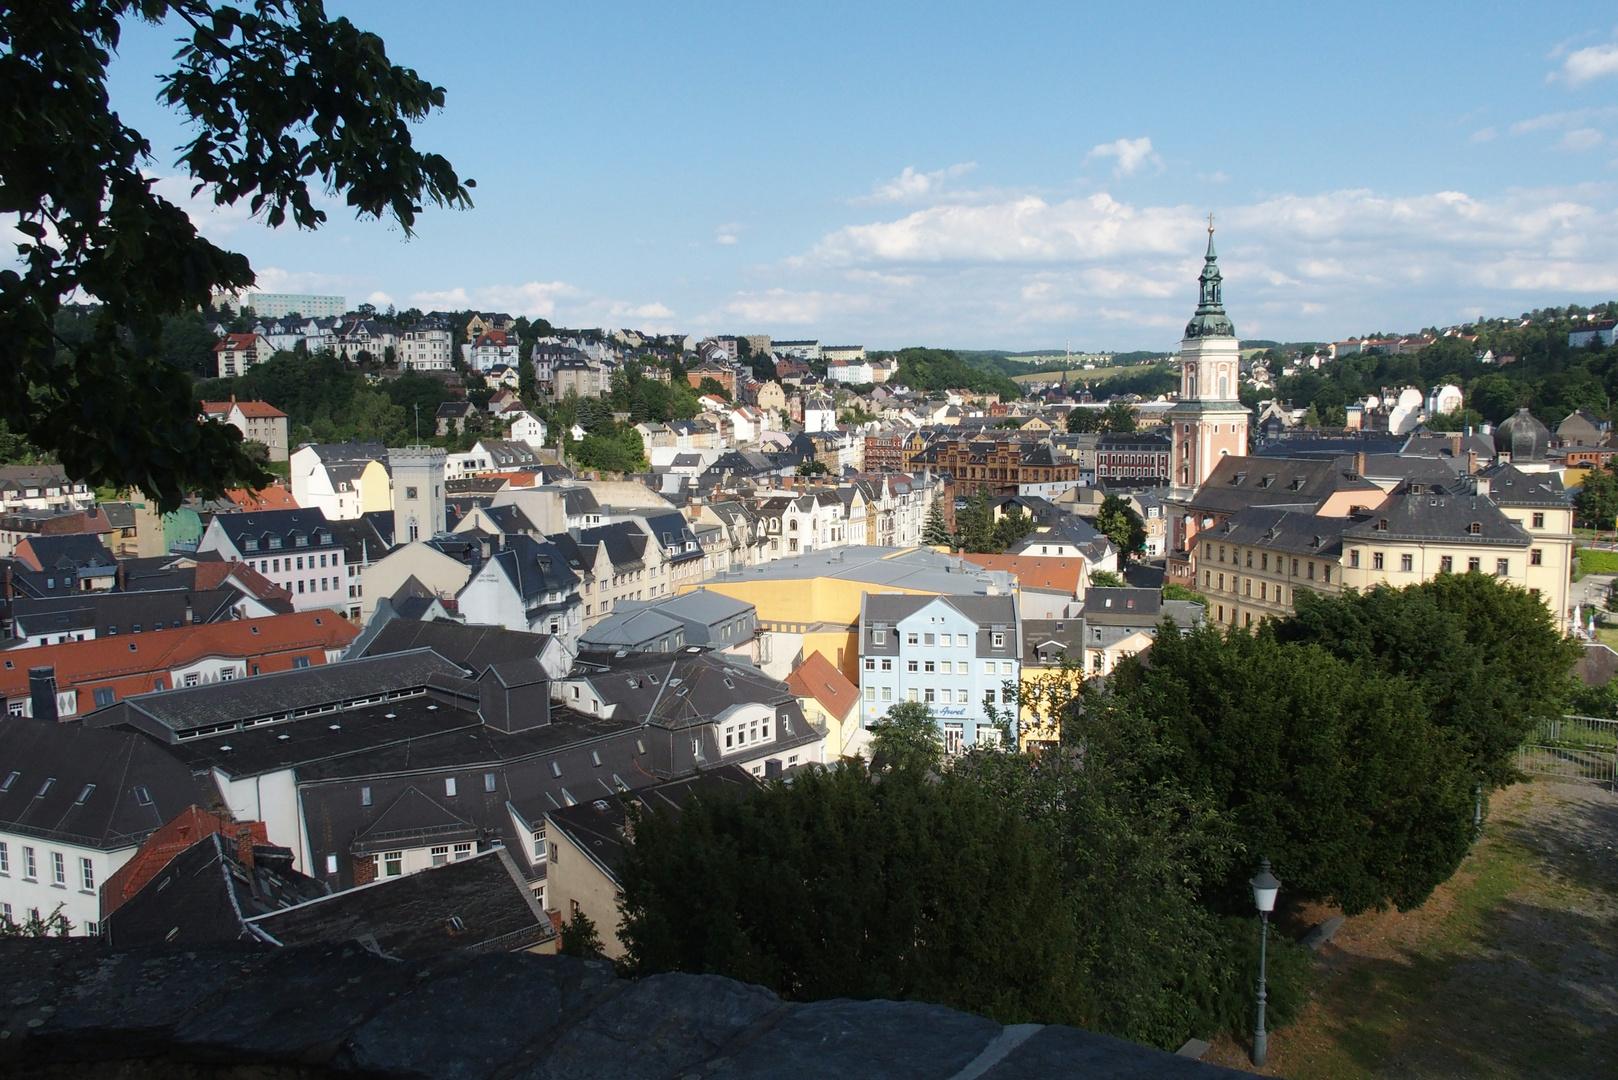 Stadt Greiz